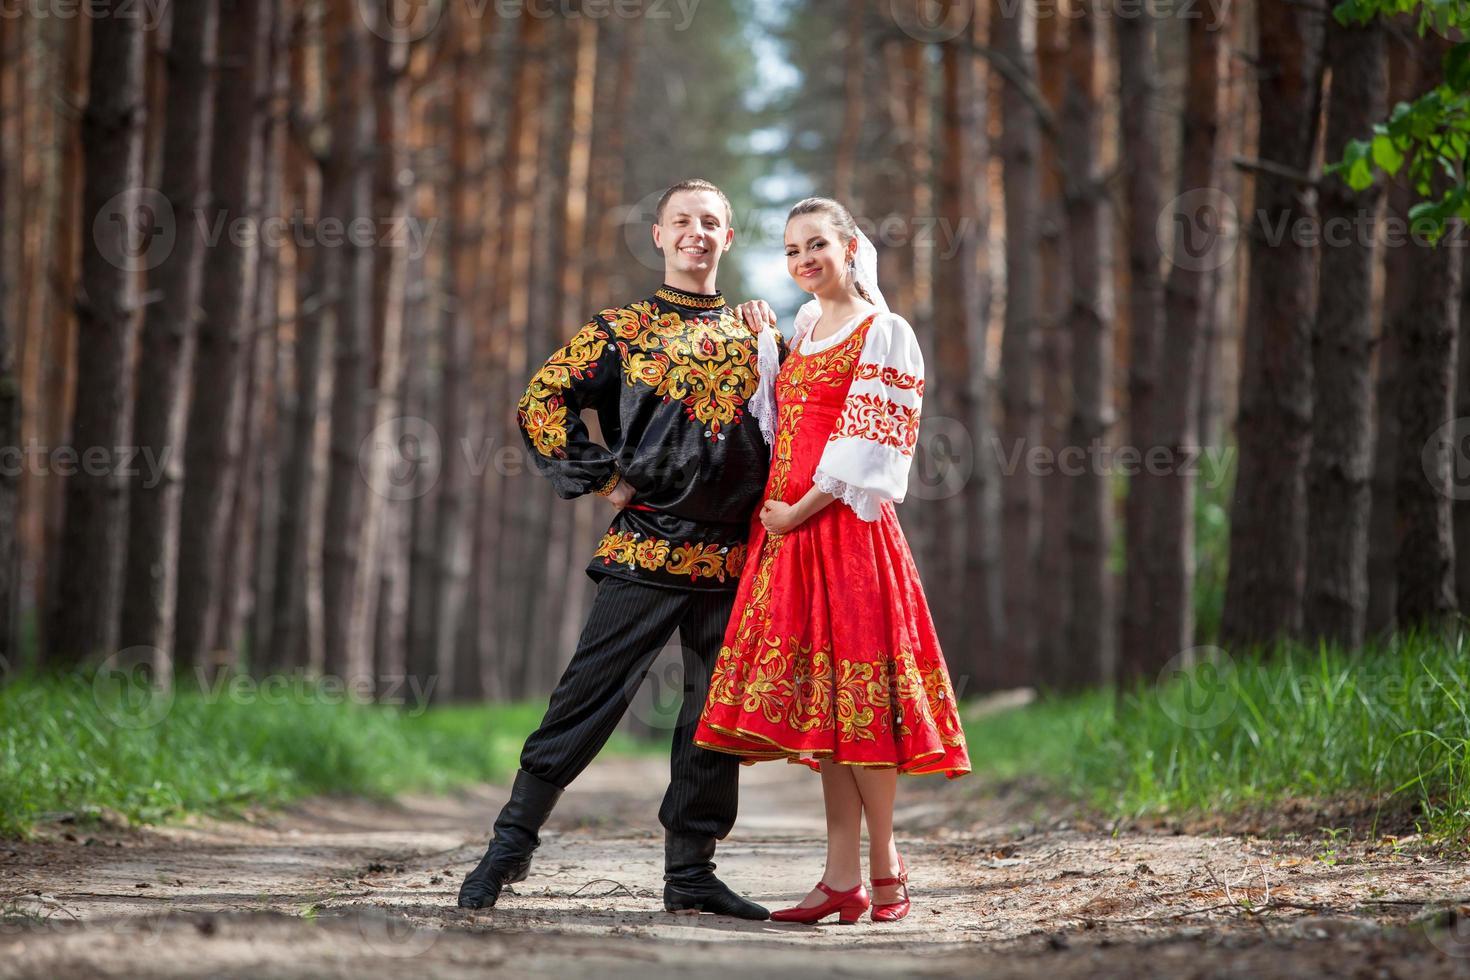 hombre y mujer en ropa nacional rusa foto